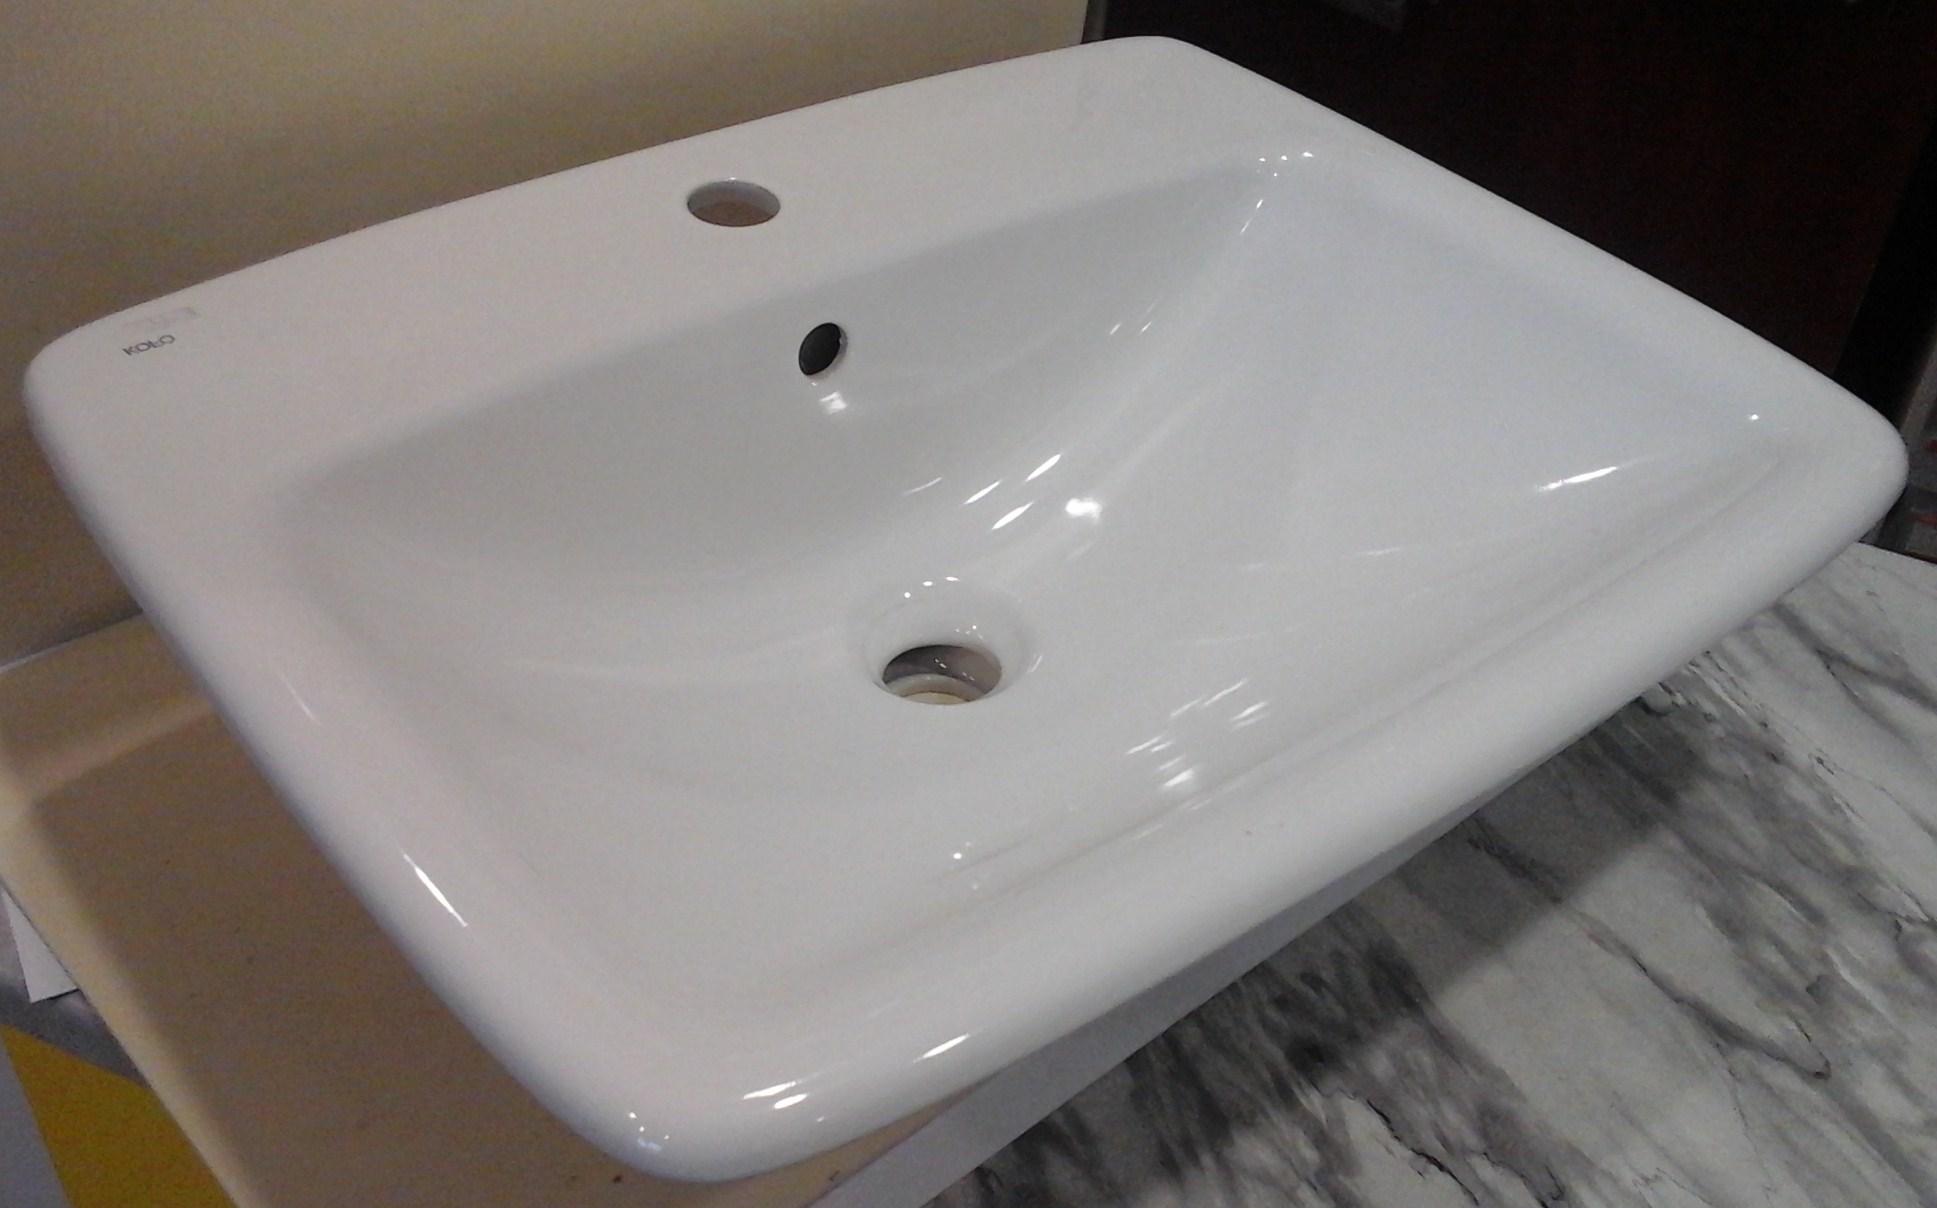 Umywalka 4560 Cm Ceramiczna Wpuszczana W Blat Nova Pro łazienka I Dom